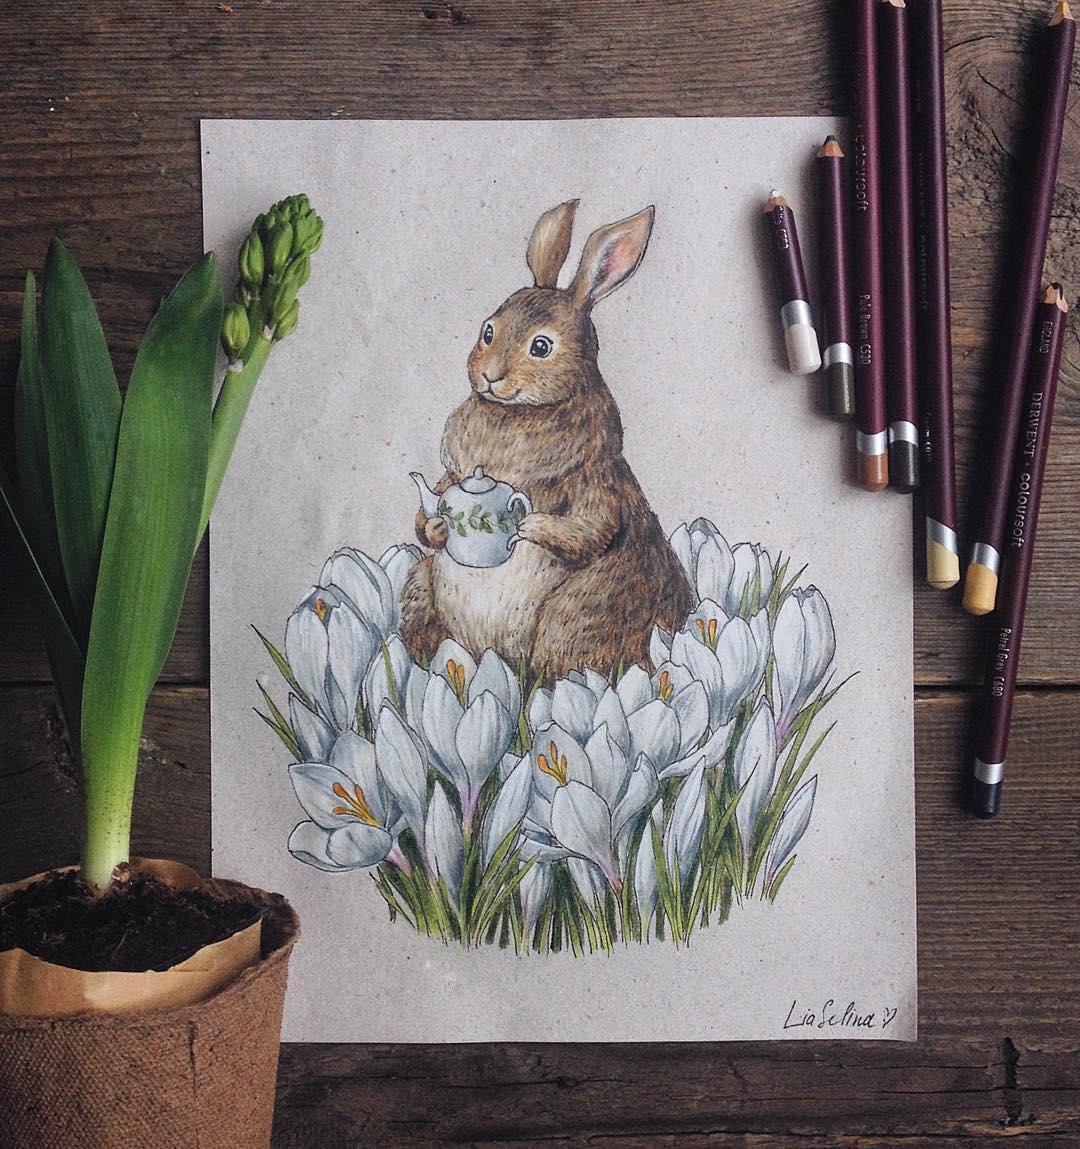 Maravillosos dibujos en lápiz de color que parecen hechos para cuentos 06